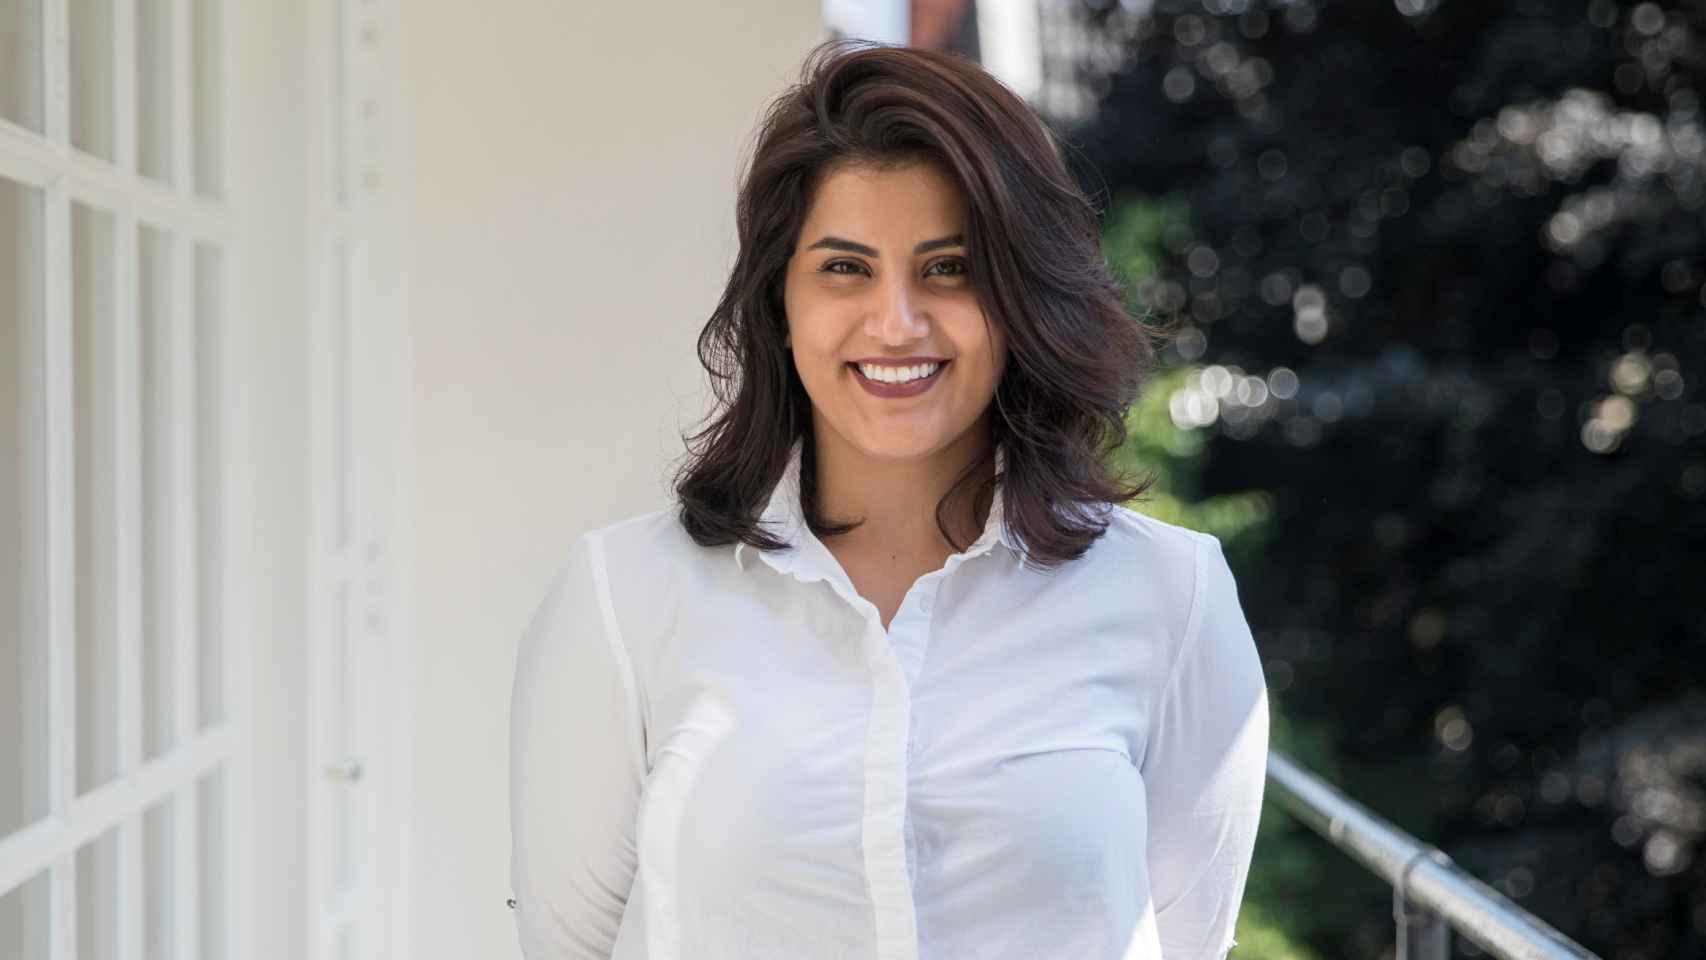 La activista por los derechos de las mujeres, Loujain al Hathloul, en una imagen de archivo.